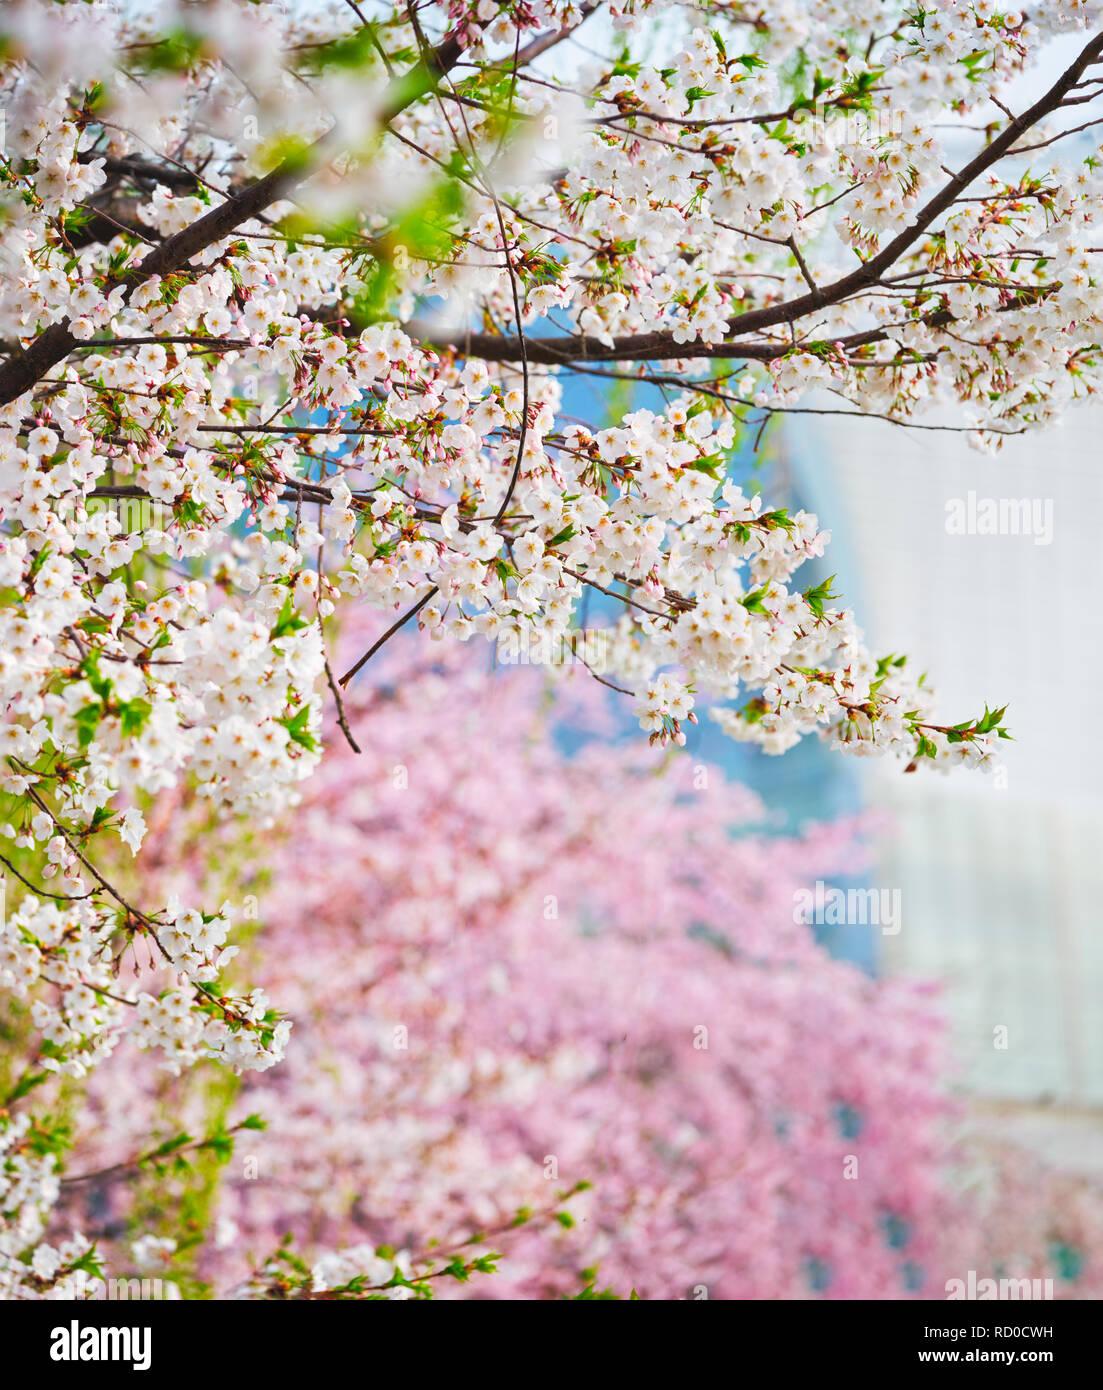 Blooming sakura cherry blossom - Stock Image